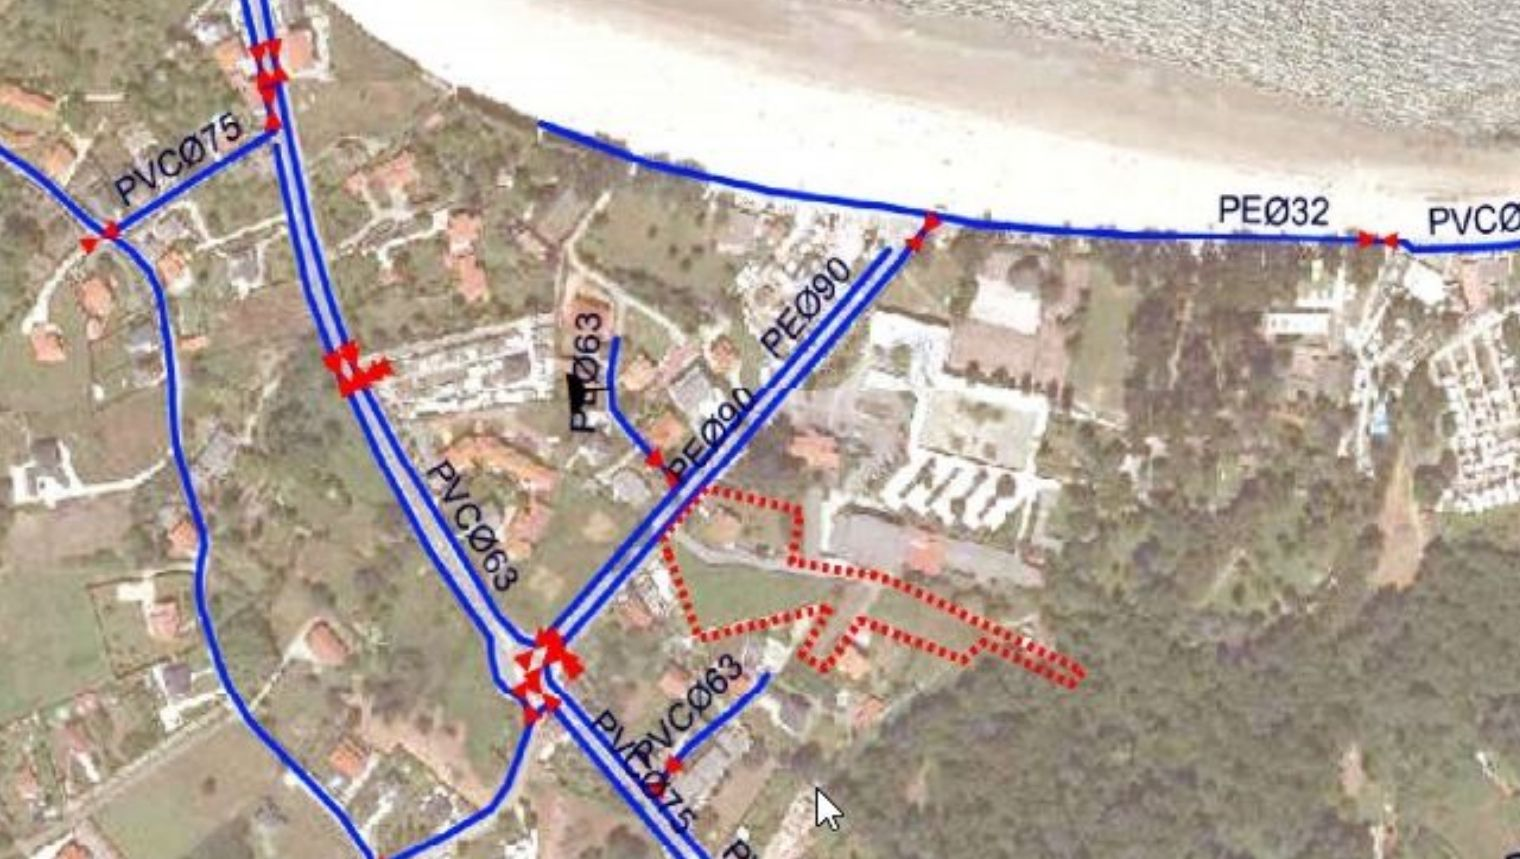 Accidente en el peaje de Guísamo.Accidente mortal en el peaje de la AP-9 en Guísamo, Bergondo